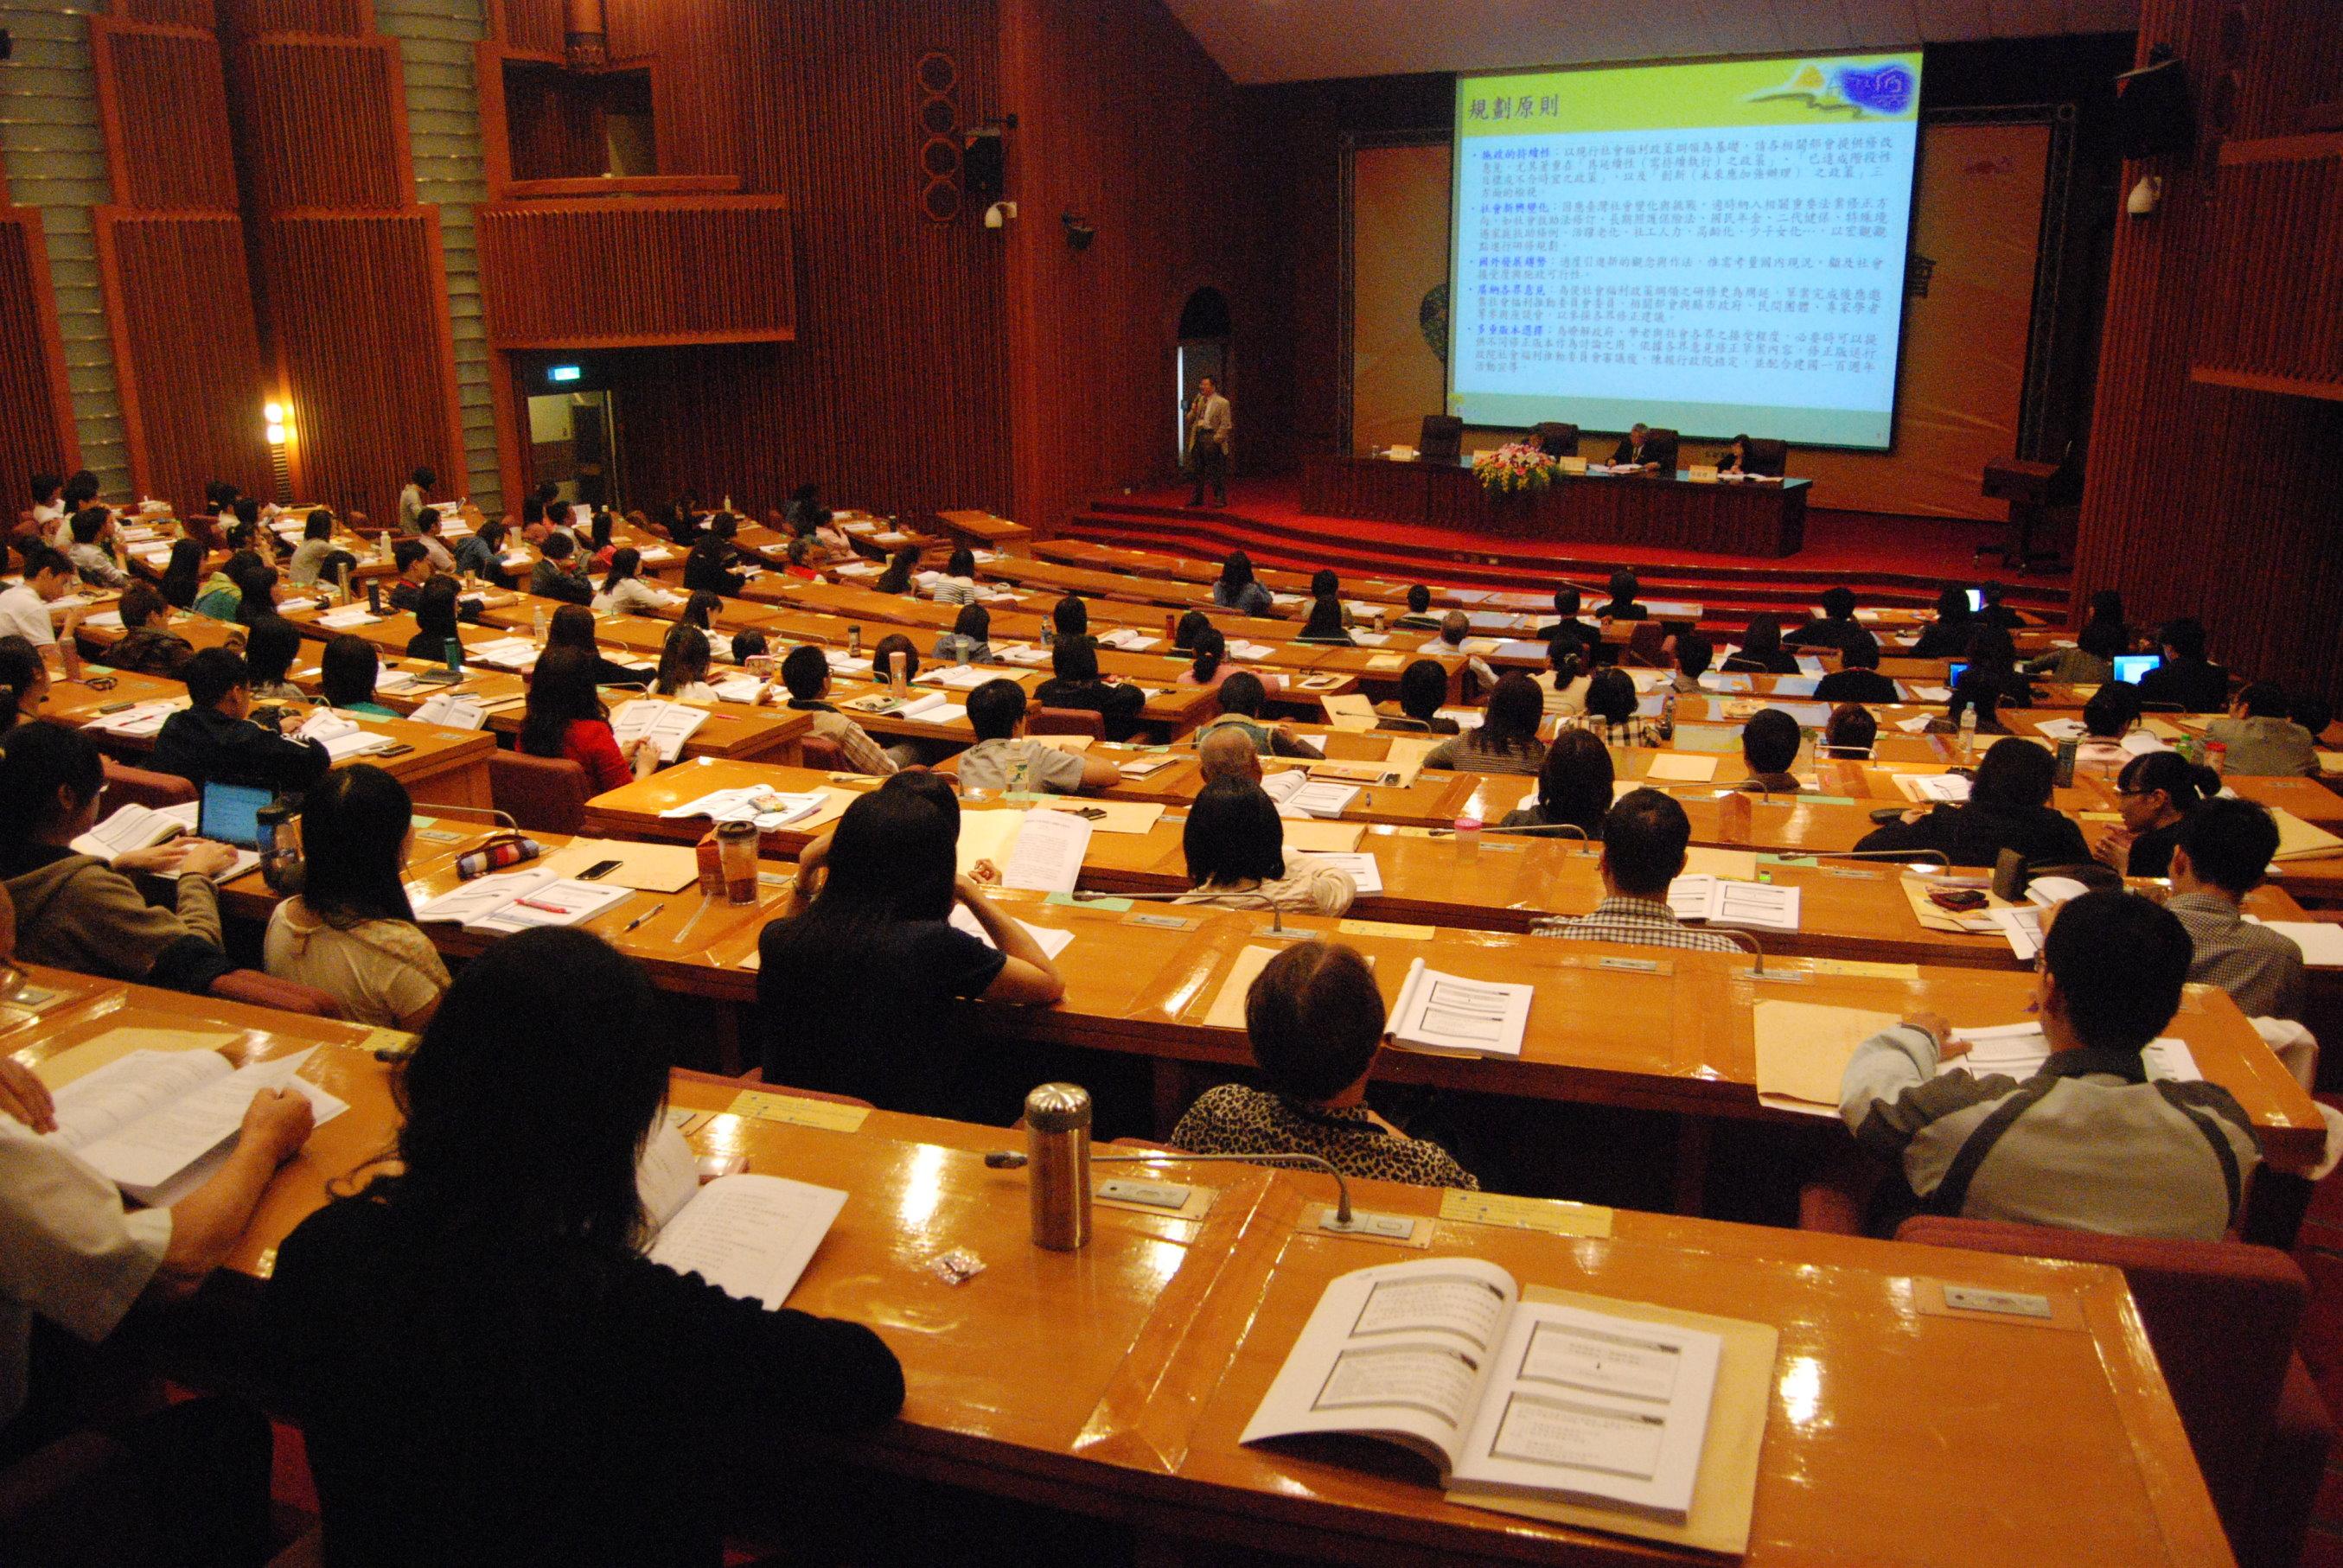 社福100‧專業滿載研討會-專家學者專業滿點分享台灣社會福利發展歷程